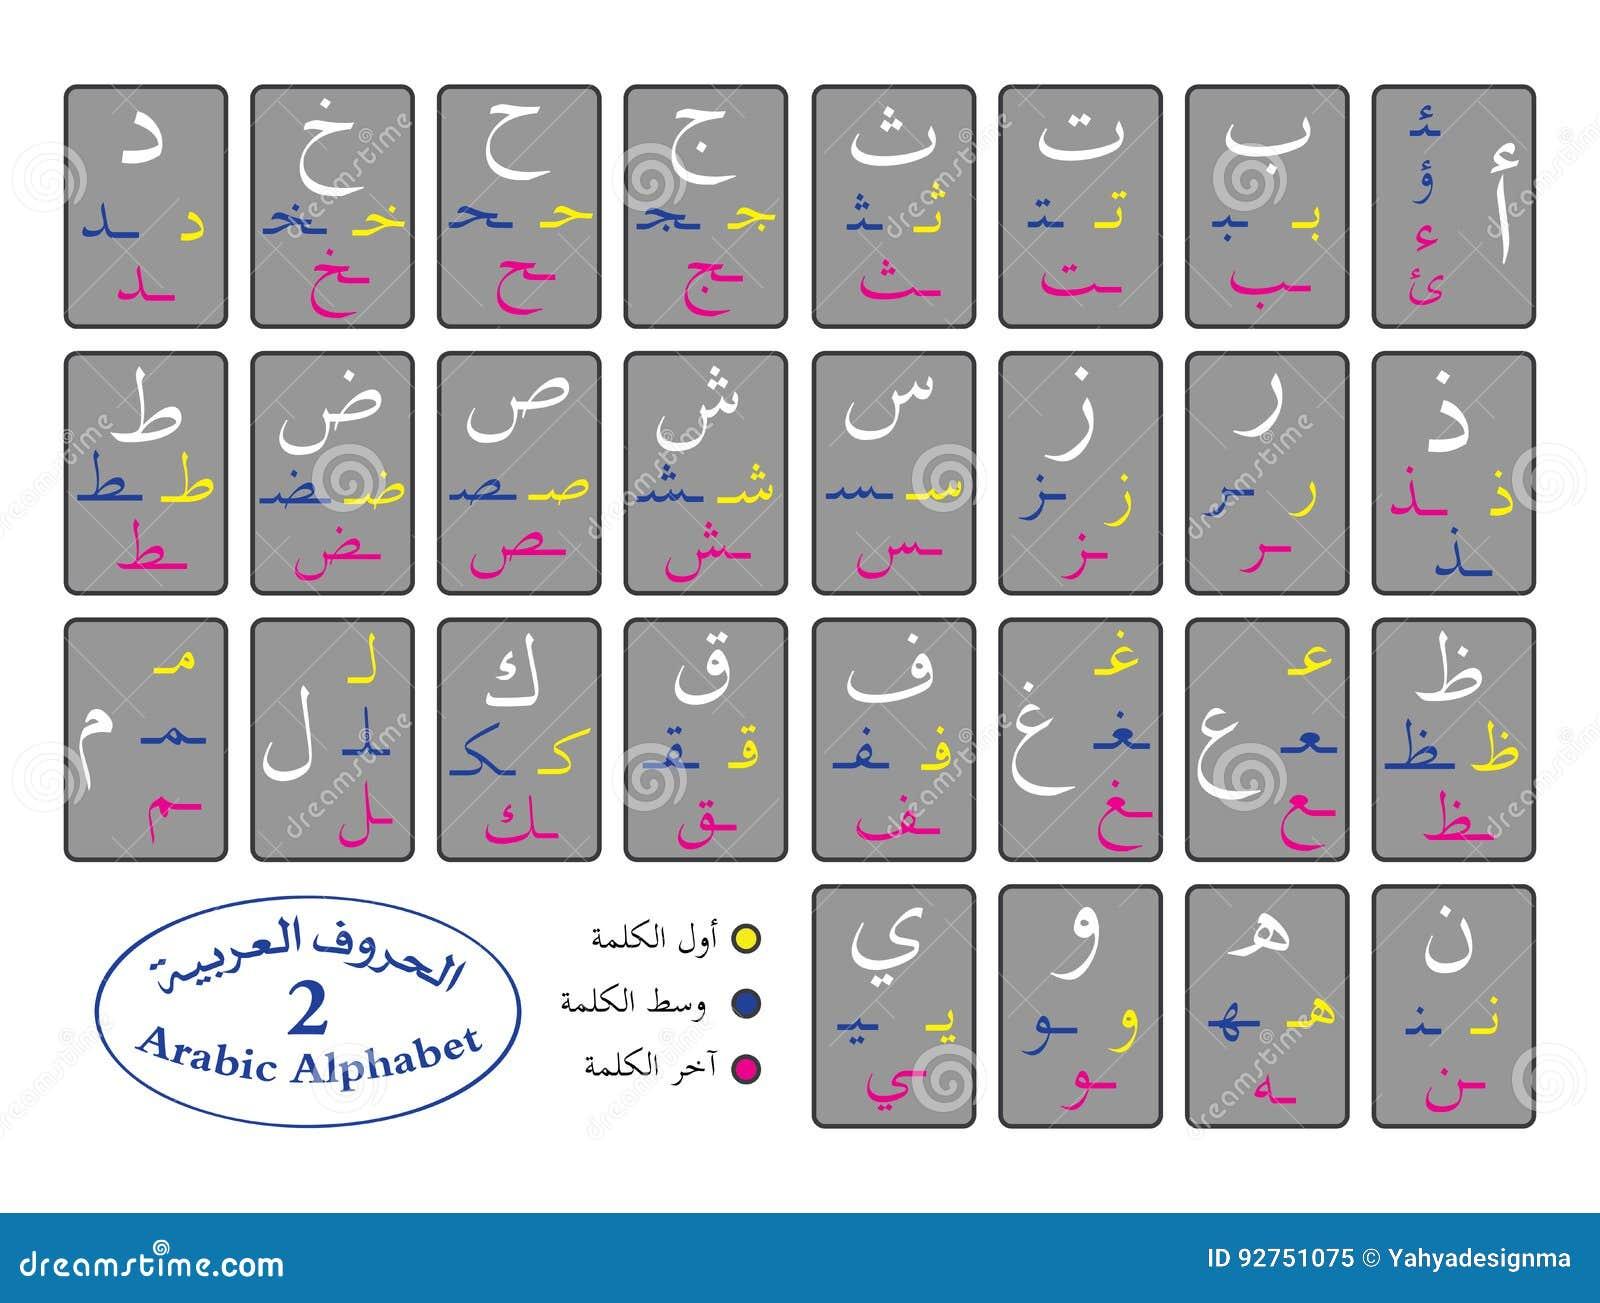 the arabic alphabet for beginner